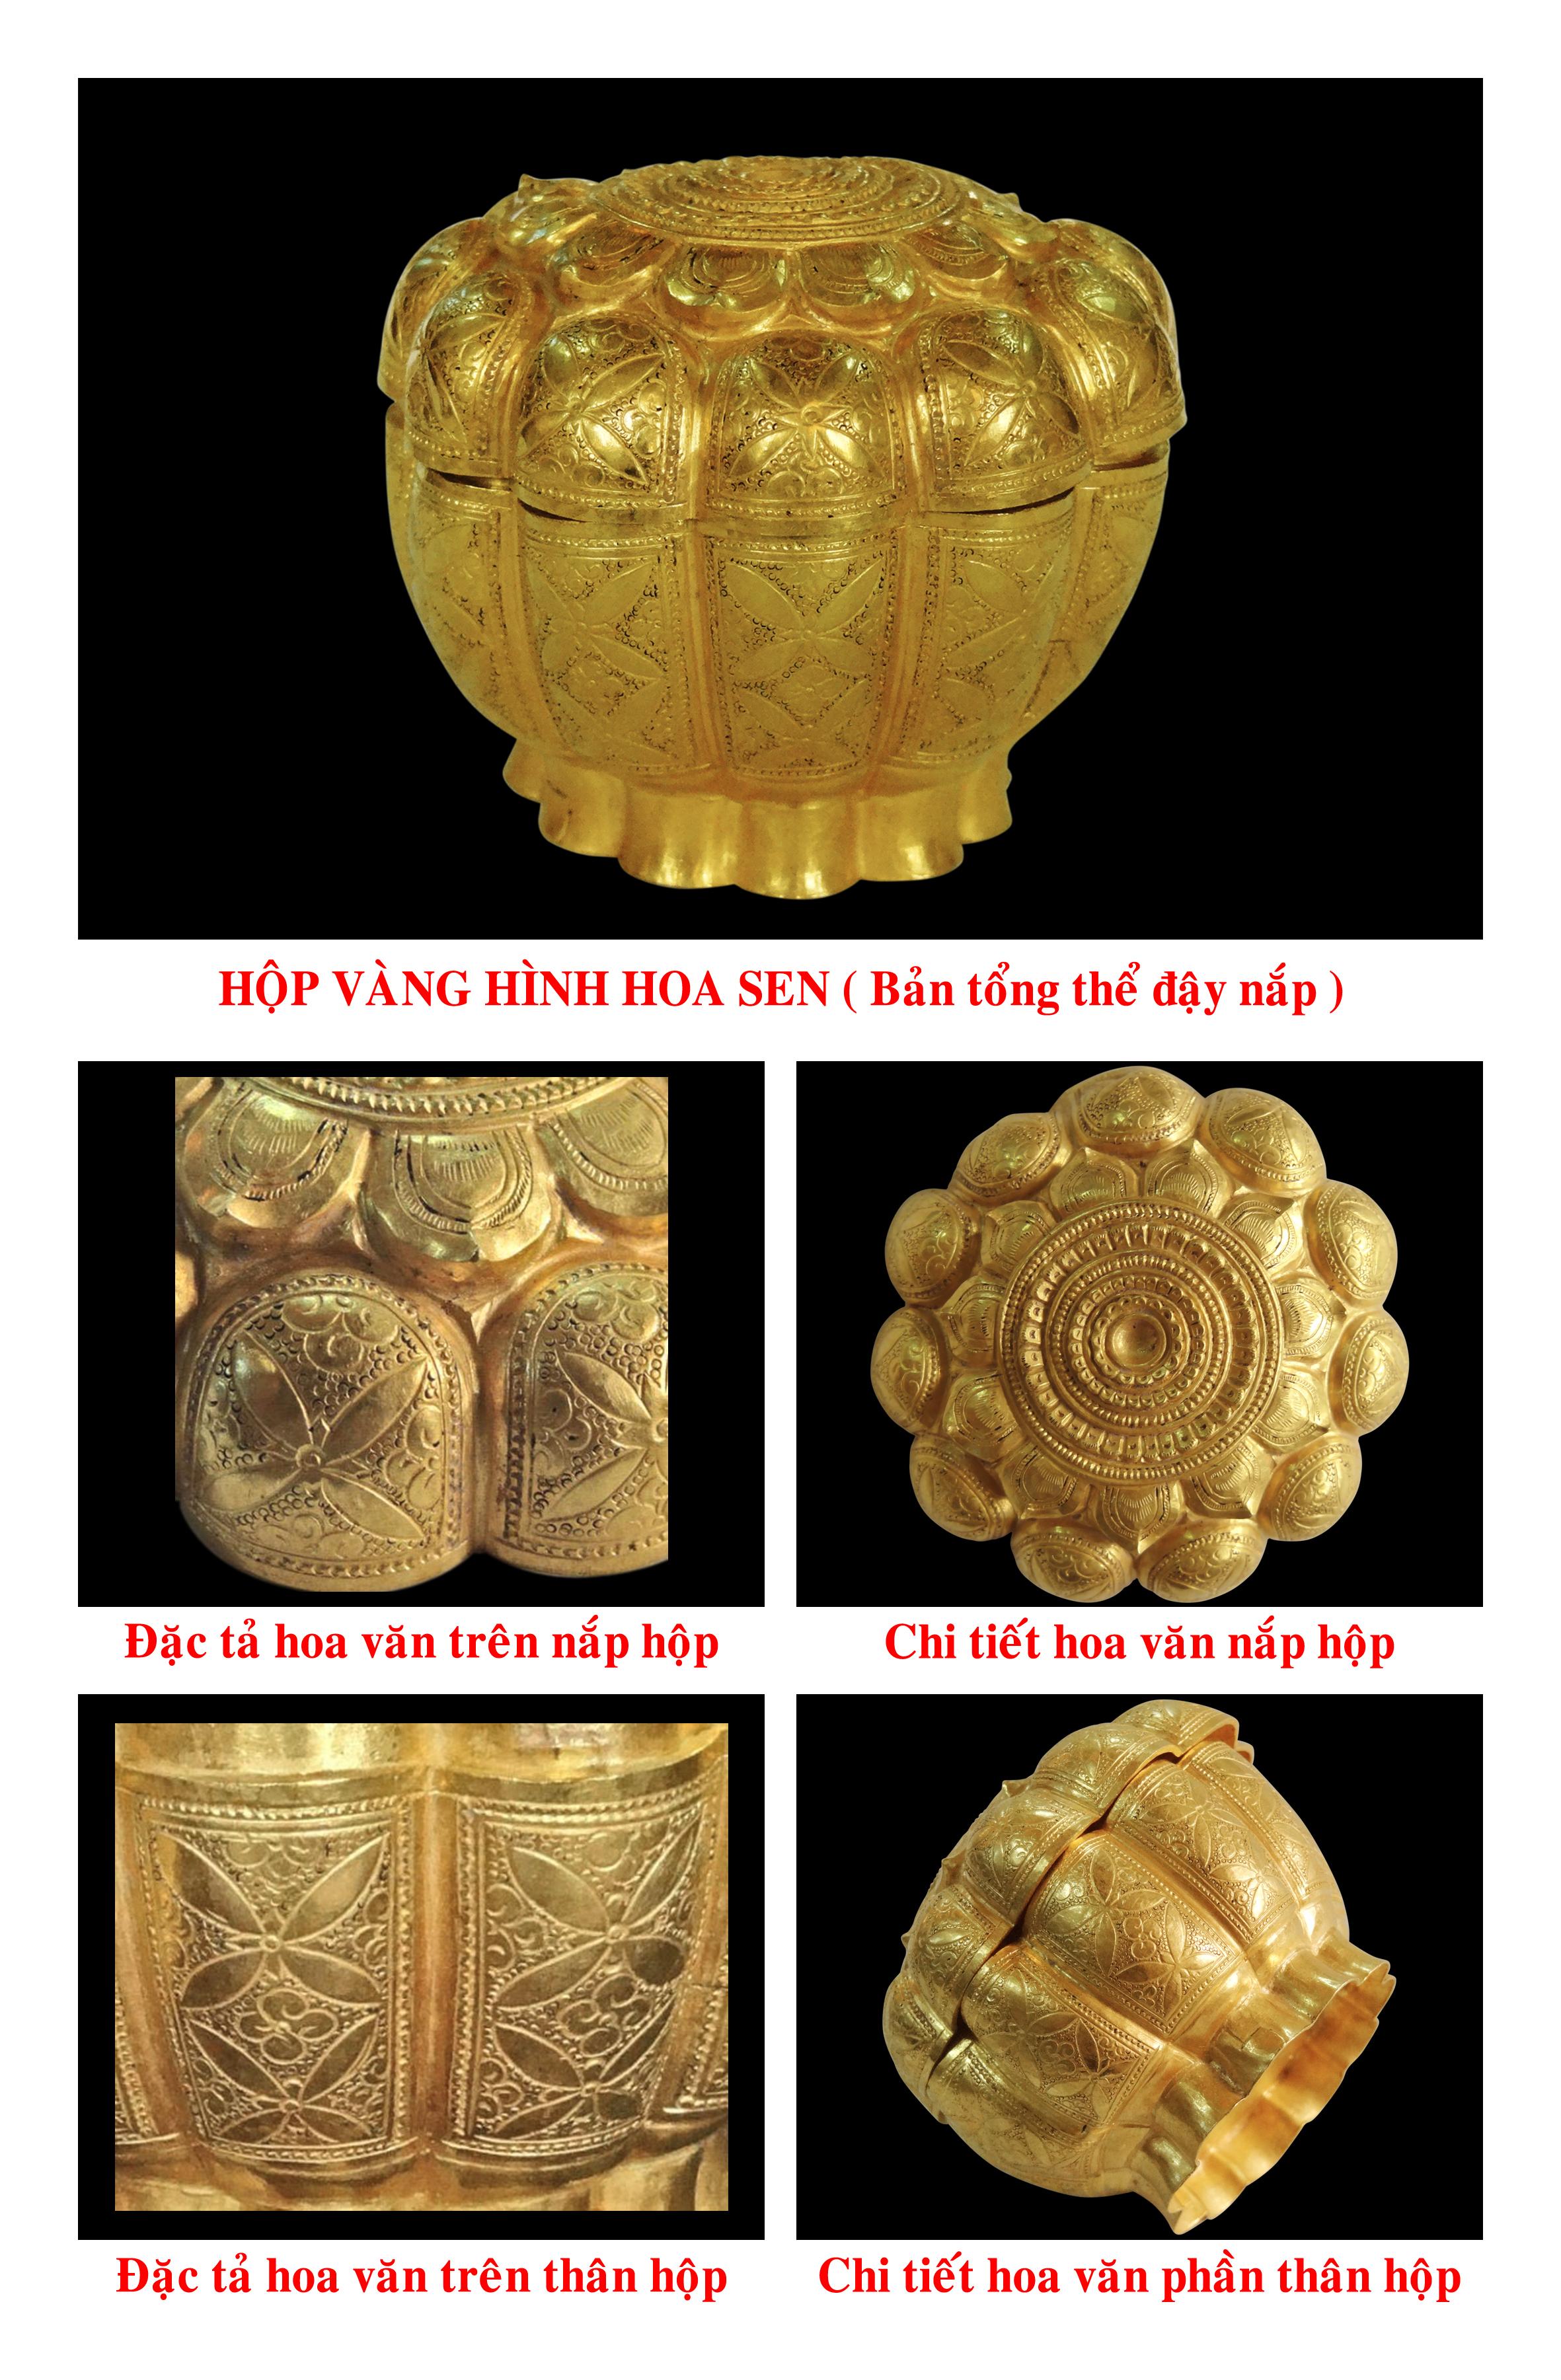 Hộp vàng Ngọa Vân. Nguồn: Đặng Hồng Sơn